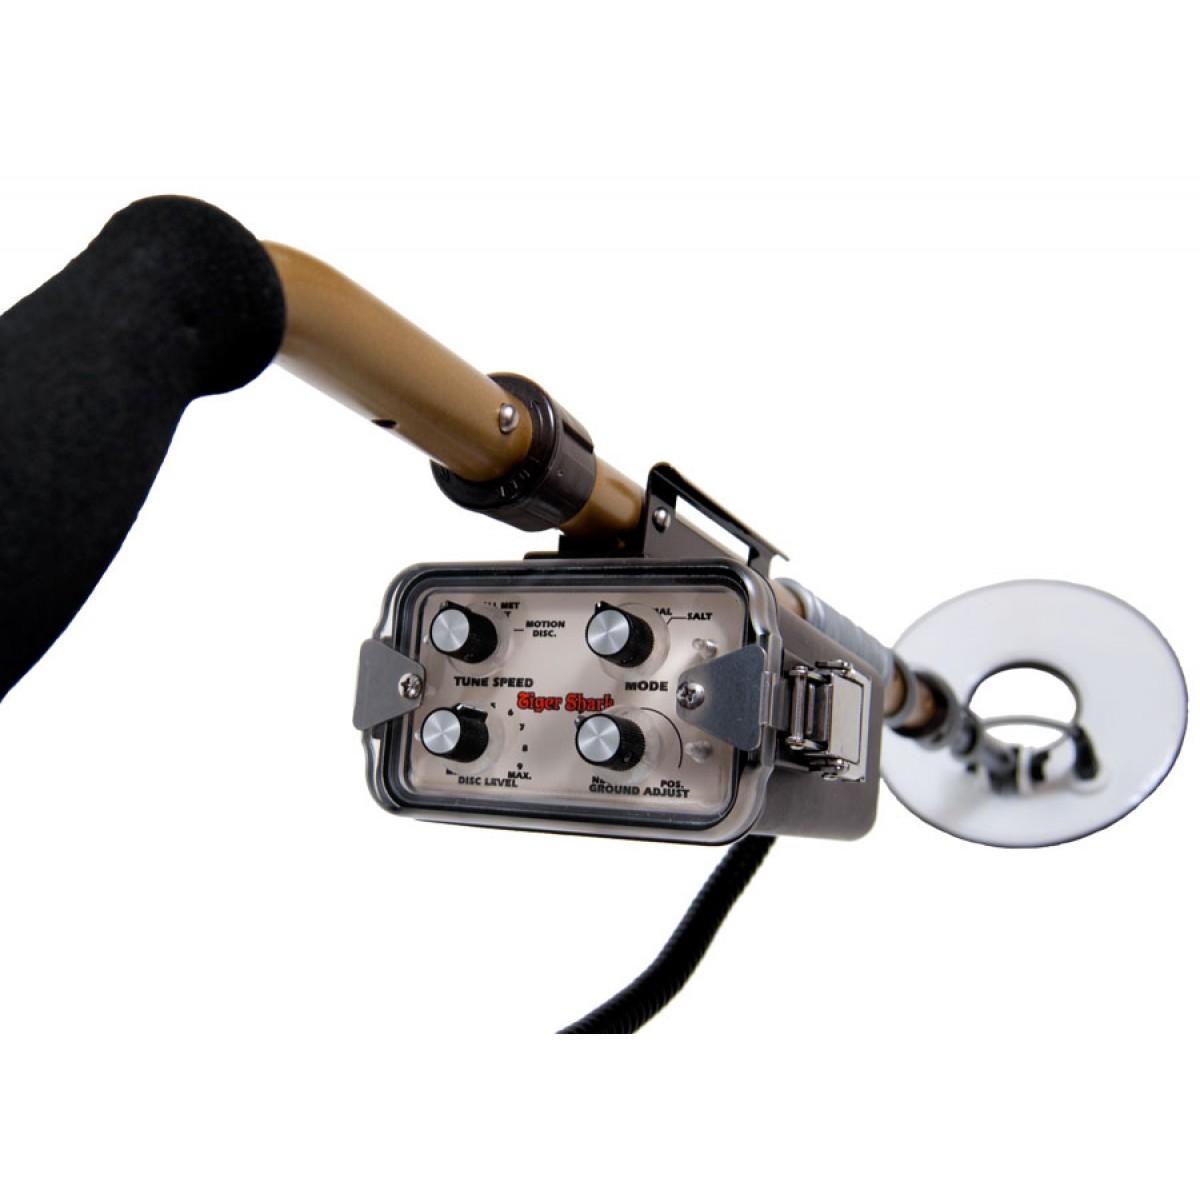 Tesoro Tiger Shark металлоискатель металлодетектор подводный металлоискатель